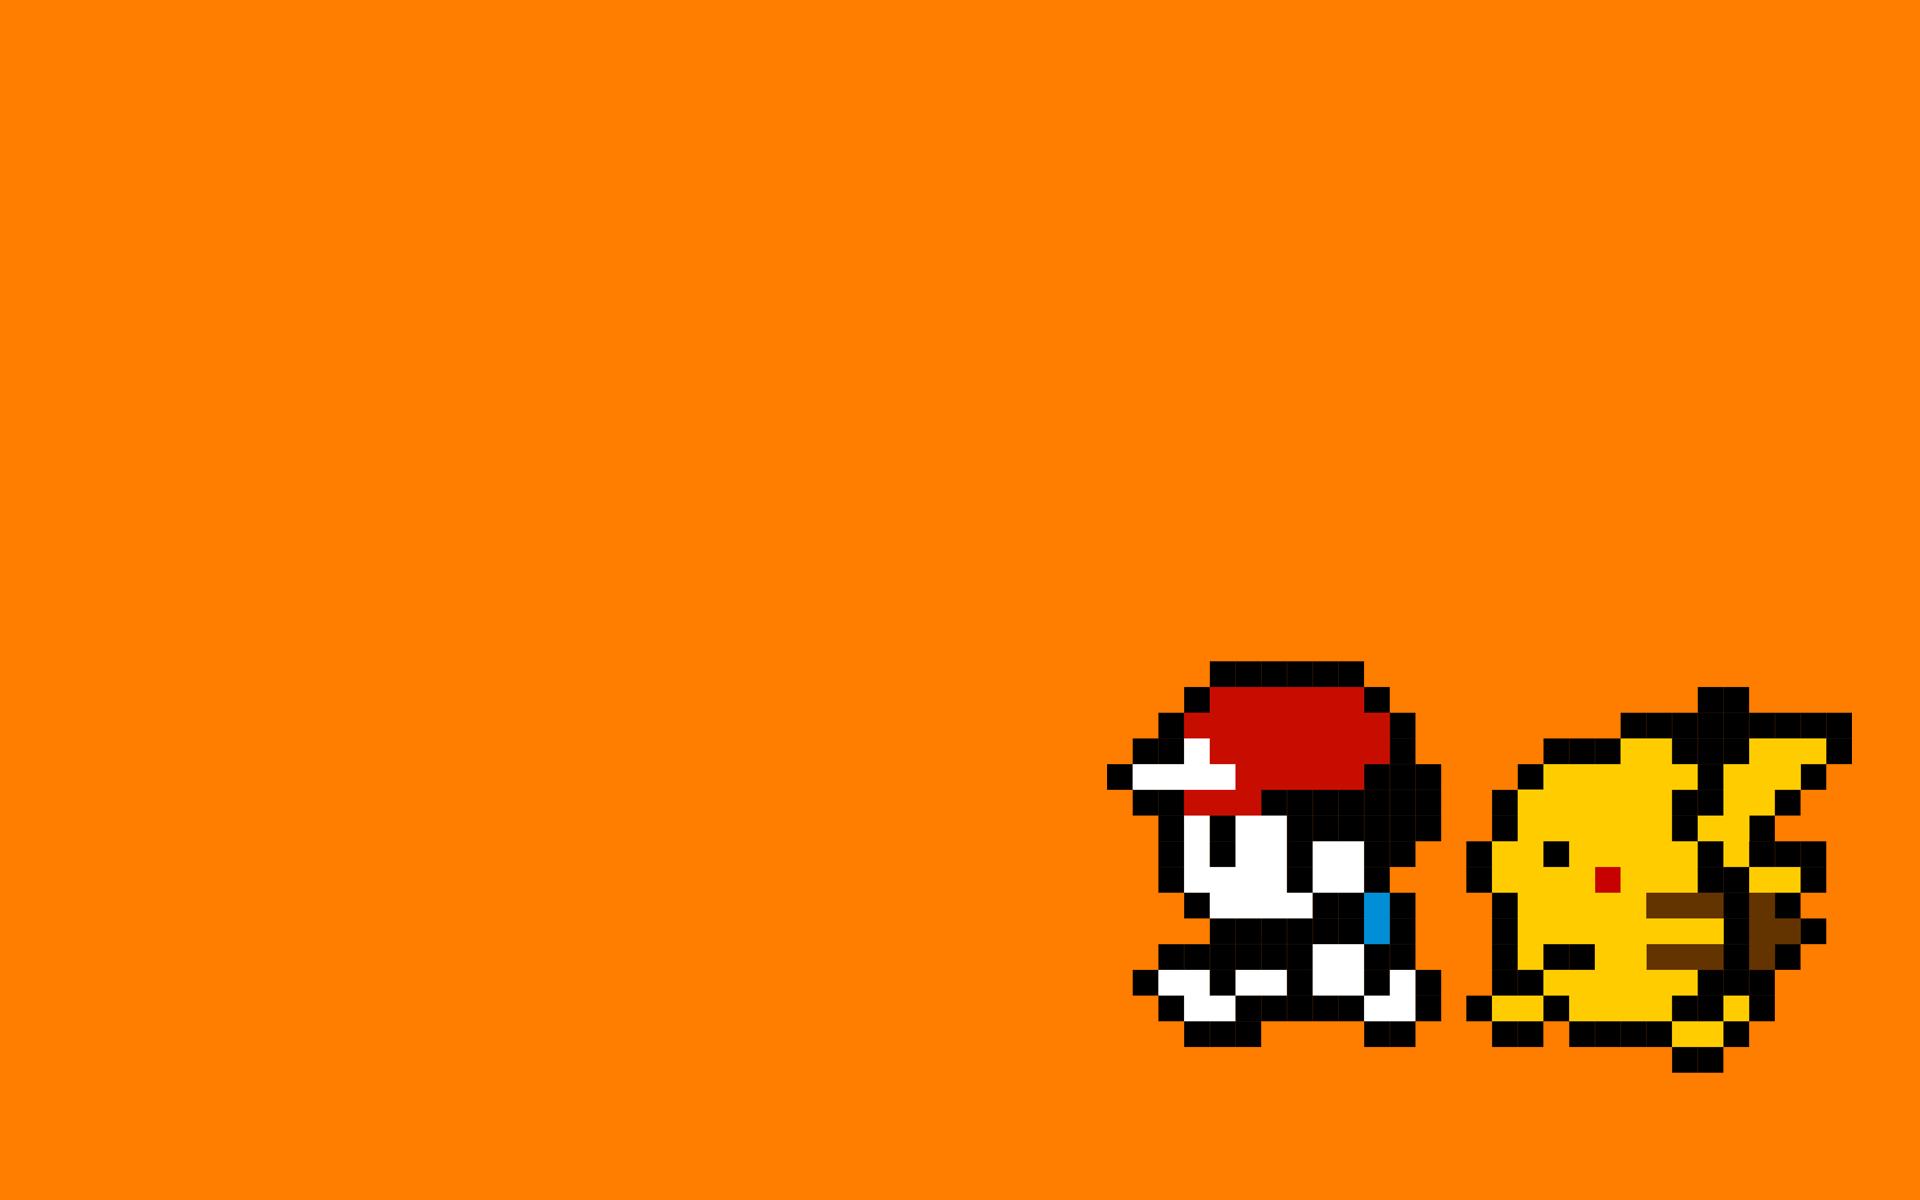 Cool 8 Bit Wallpapers 8 Bit Pokemon 1920x1200